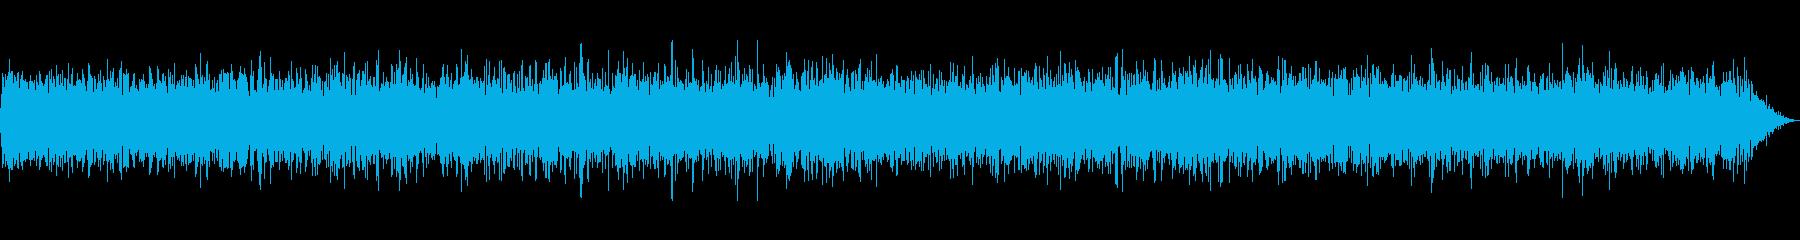 テレビ 砂嵐音 ノイズ ザー 低めのザーの再生済みの波形